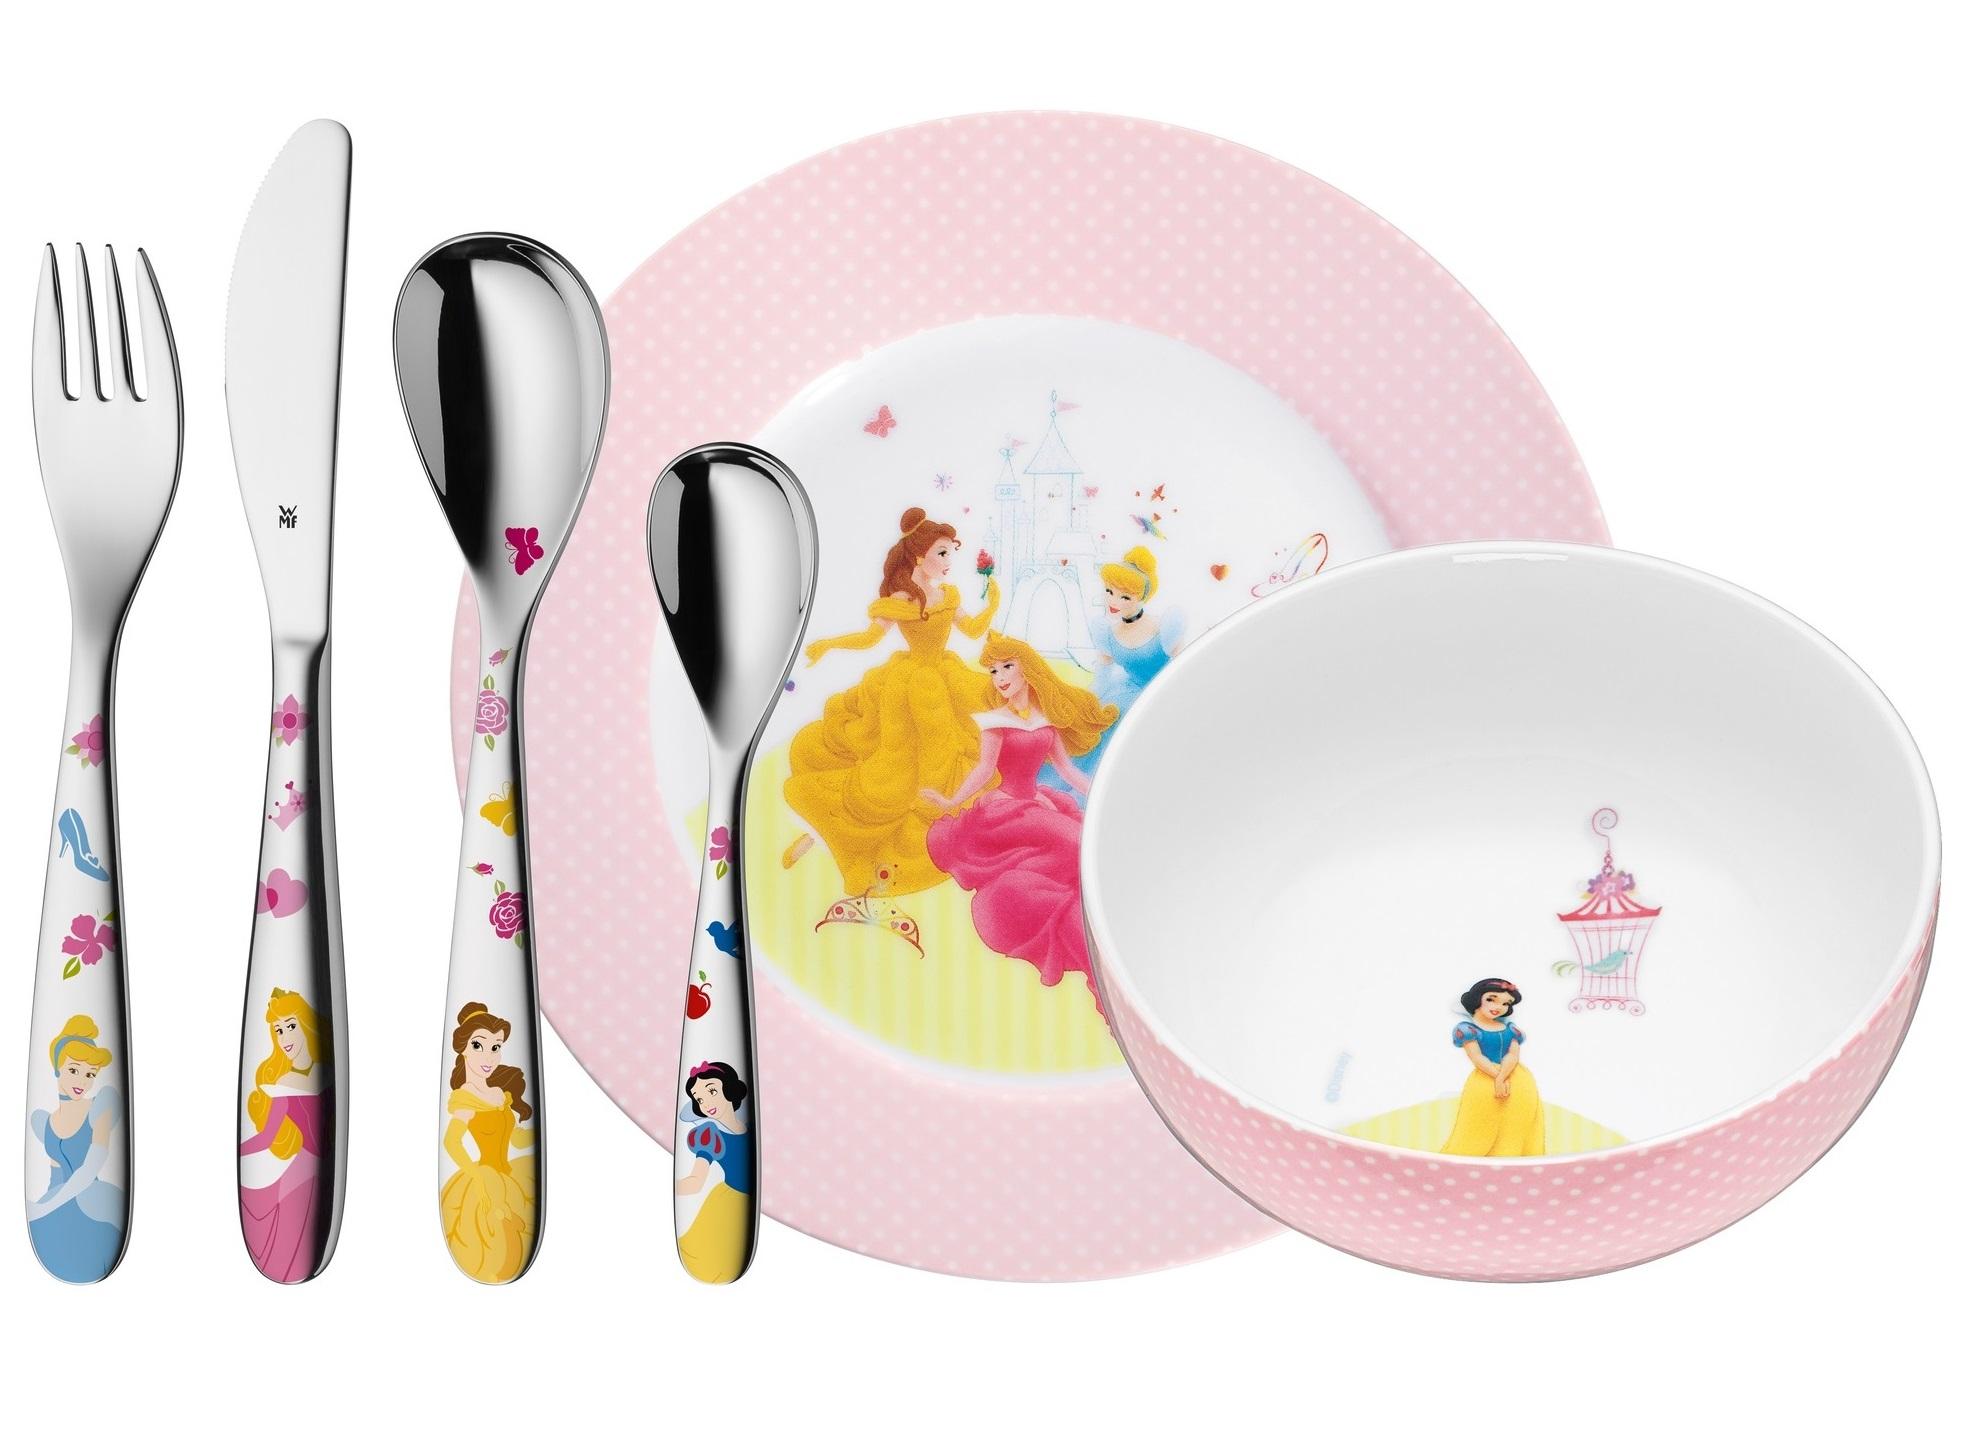 WMF Kinderbestek Kids Disney Princess 6-Delig